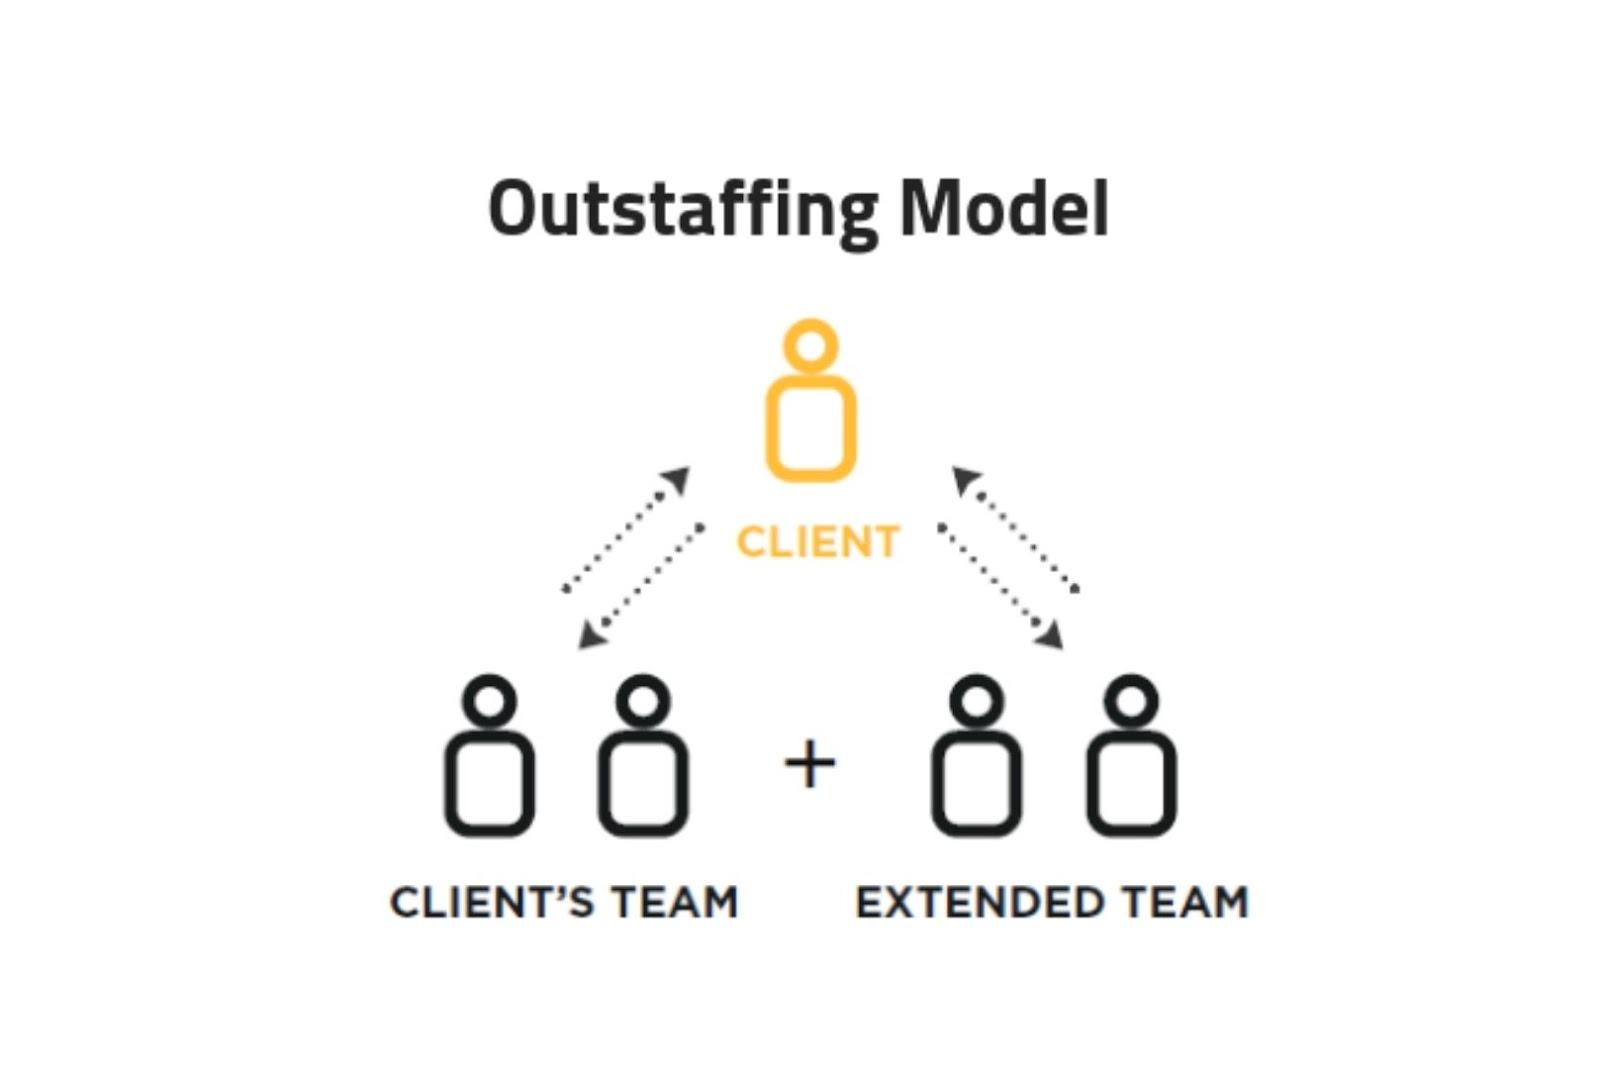 Outstaffing Model